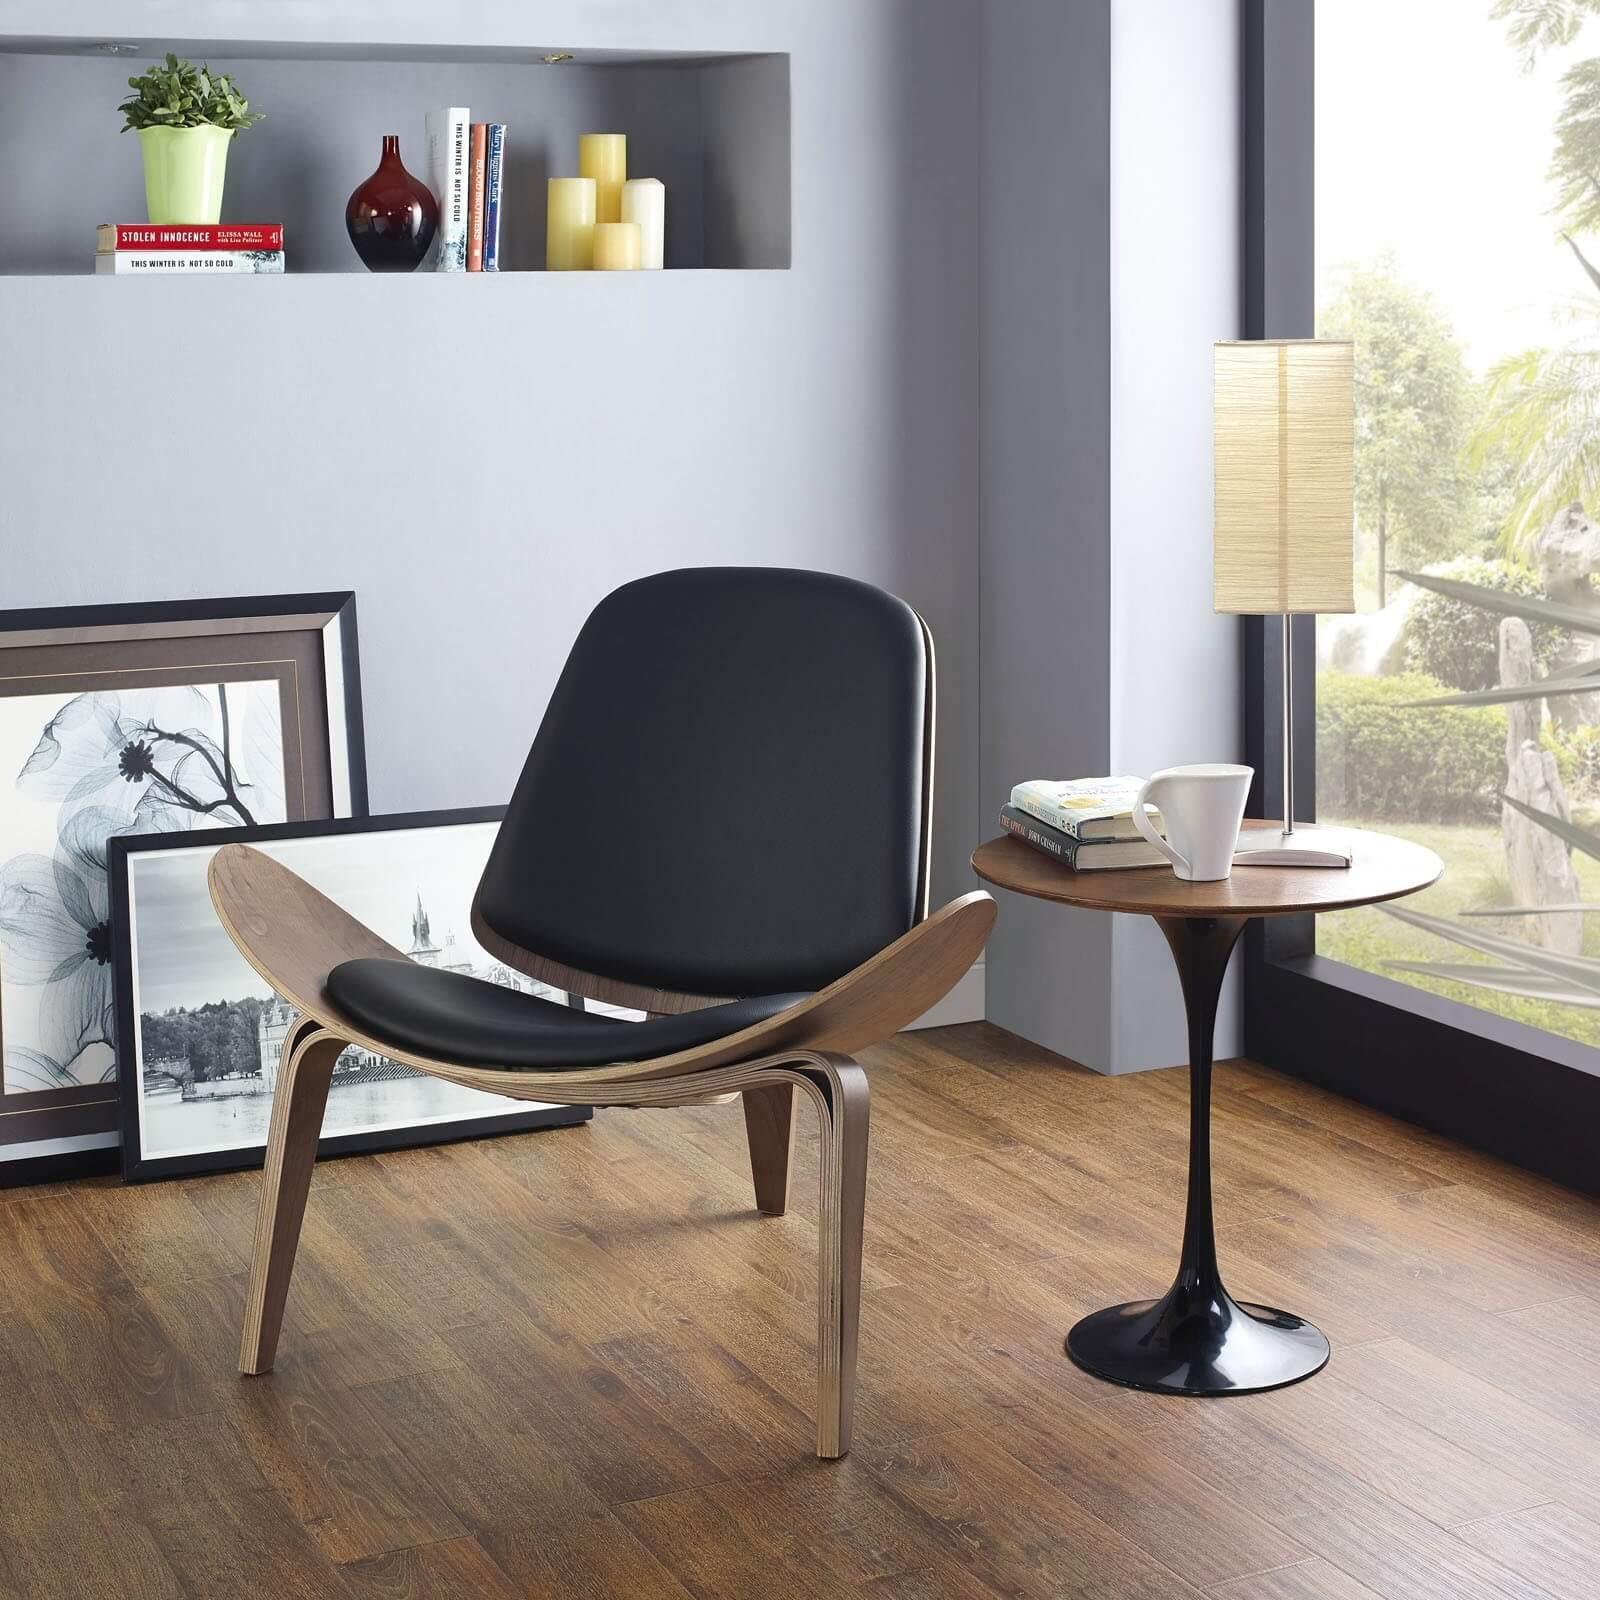 Ghế Shell – ghế thư giãn thích hợp giúp tan biến mọi mệt mỏi.